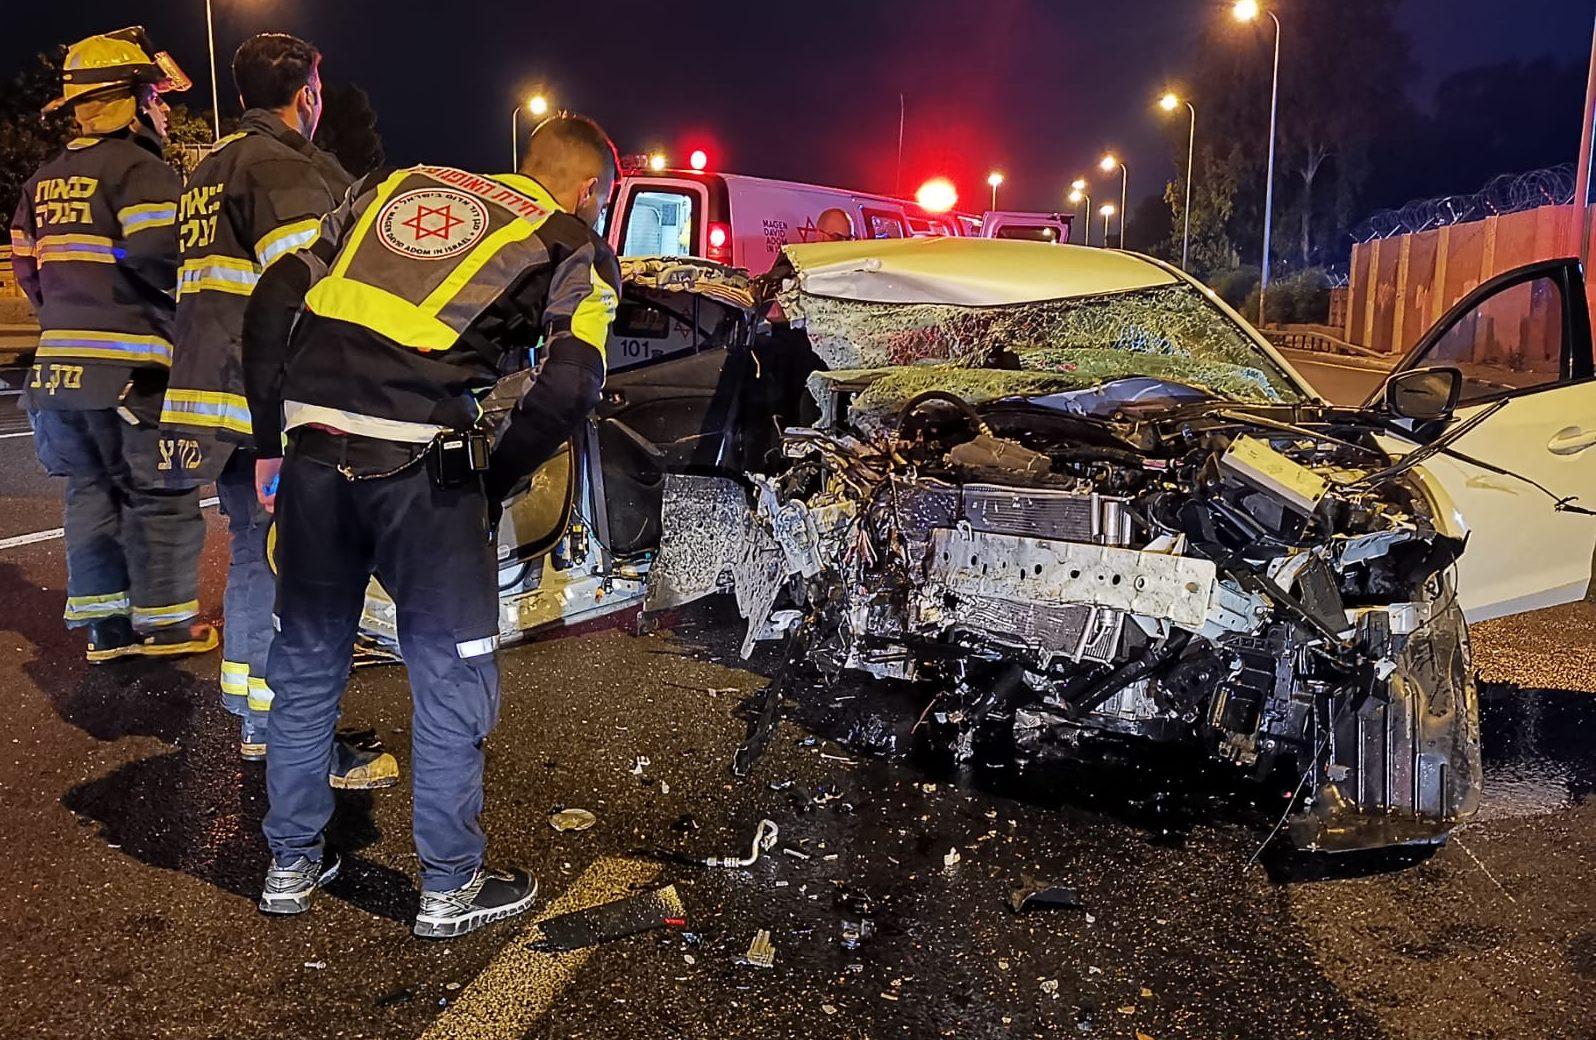 בן 24 נפצע קשה בהתנגשות רכב במעקה בטיחות סמוך למחלף גלילות